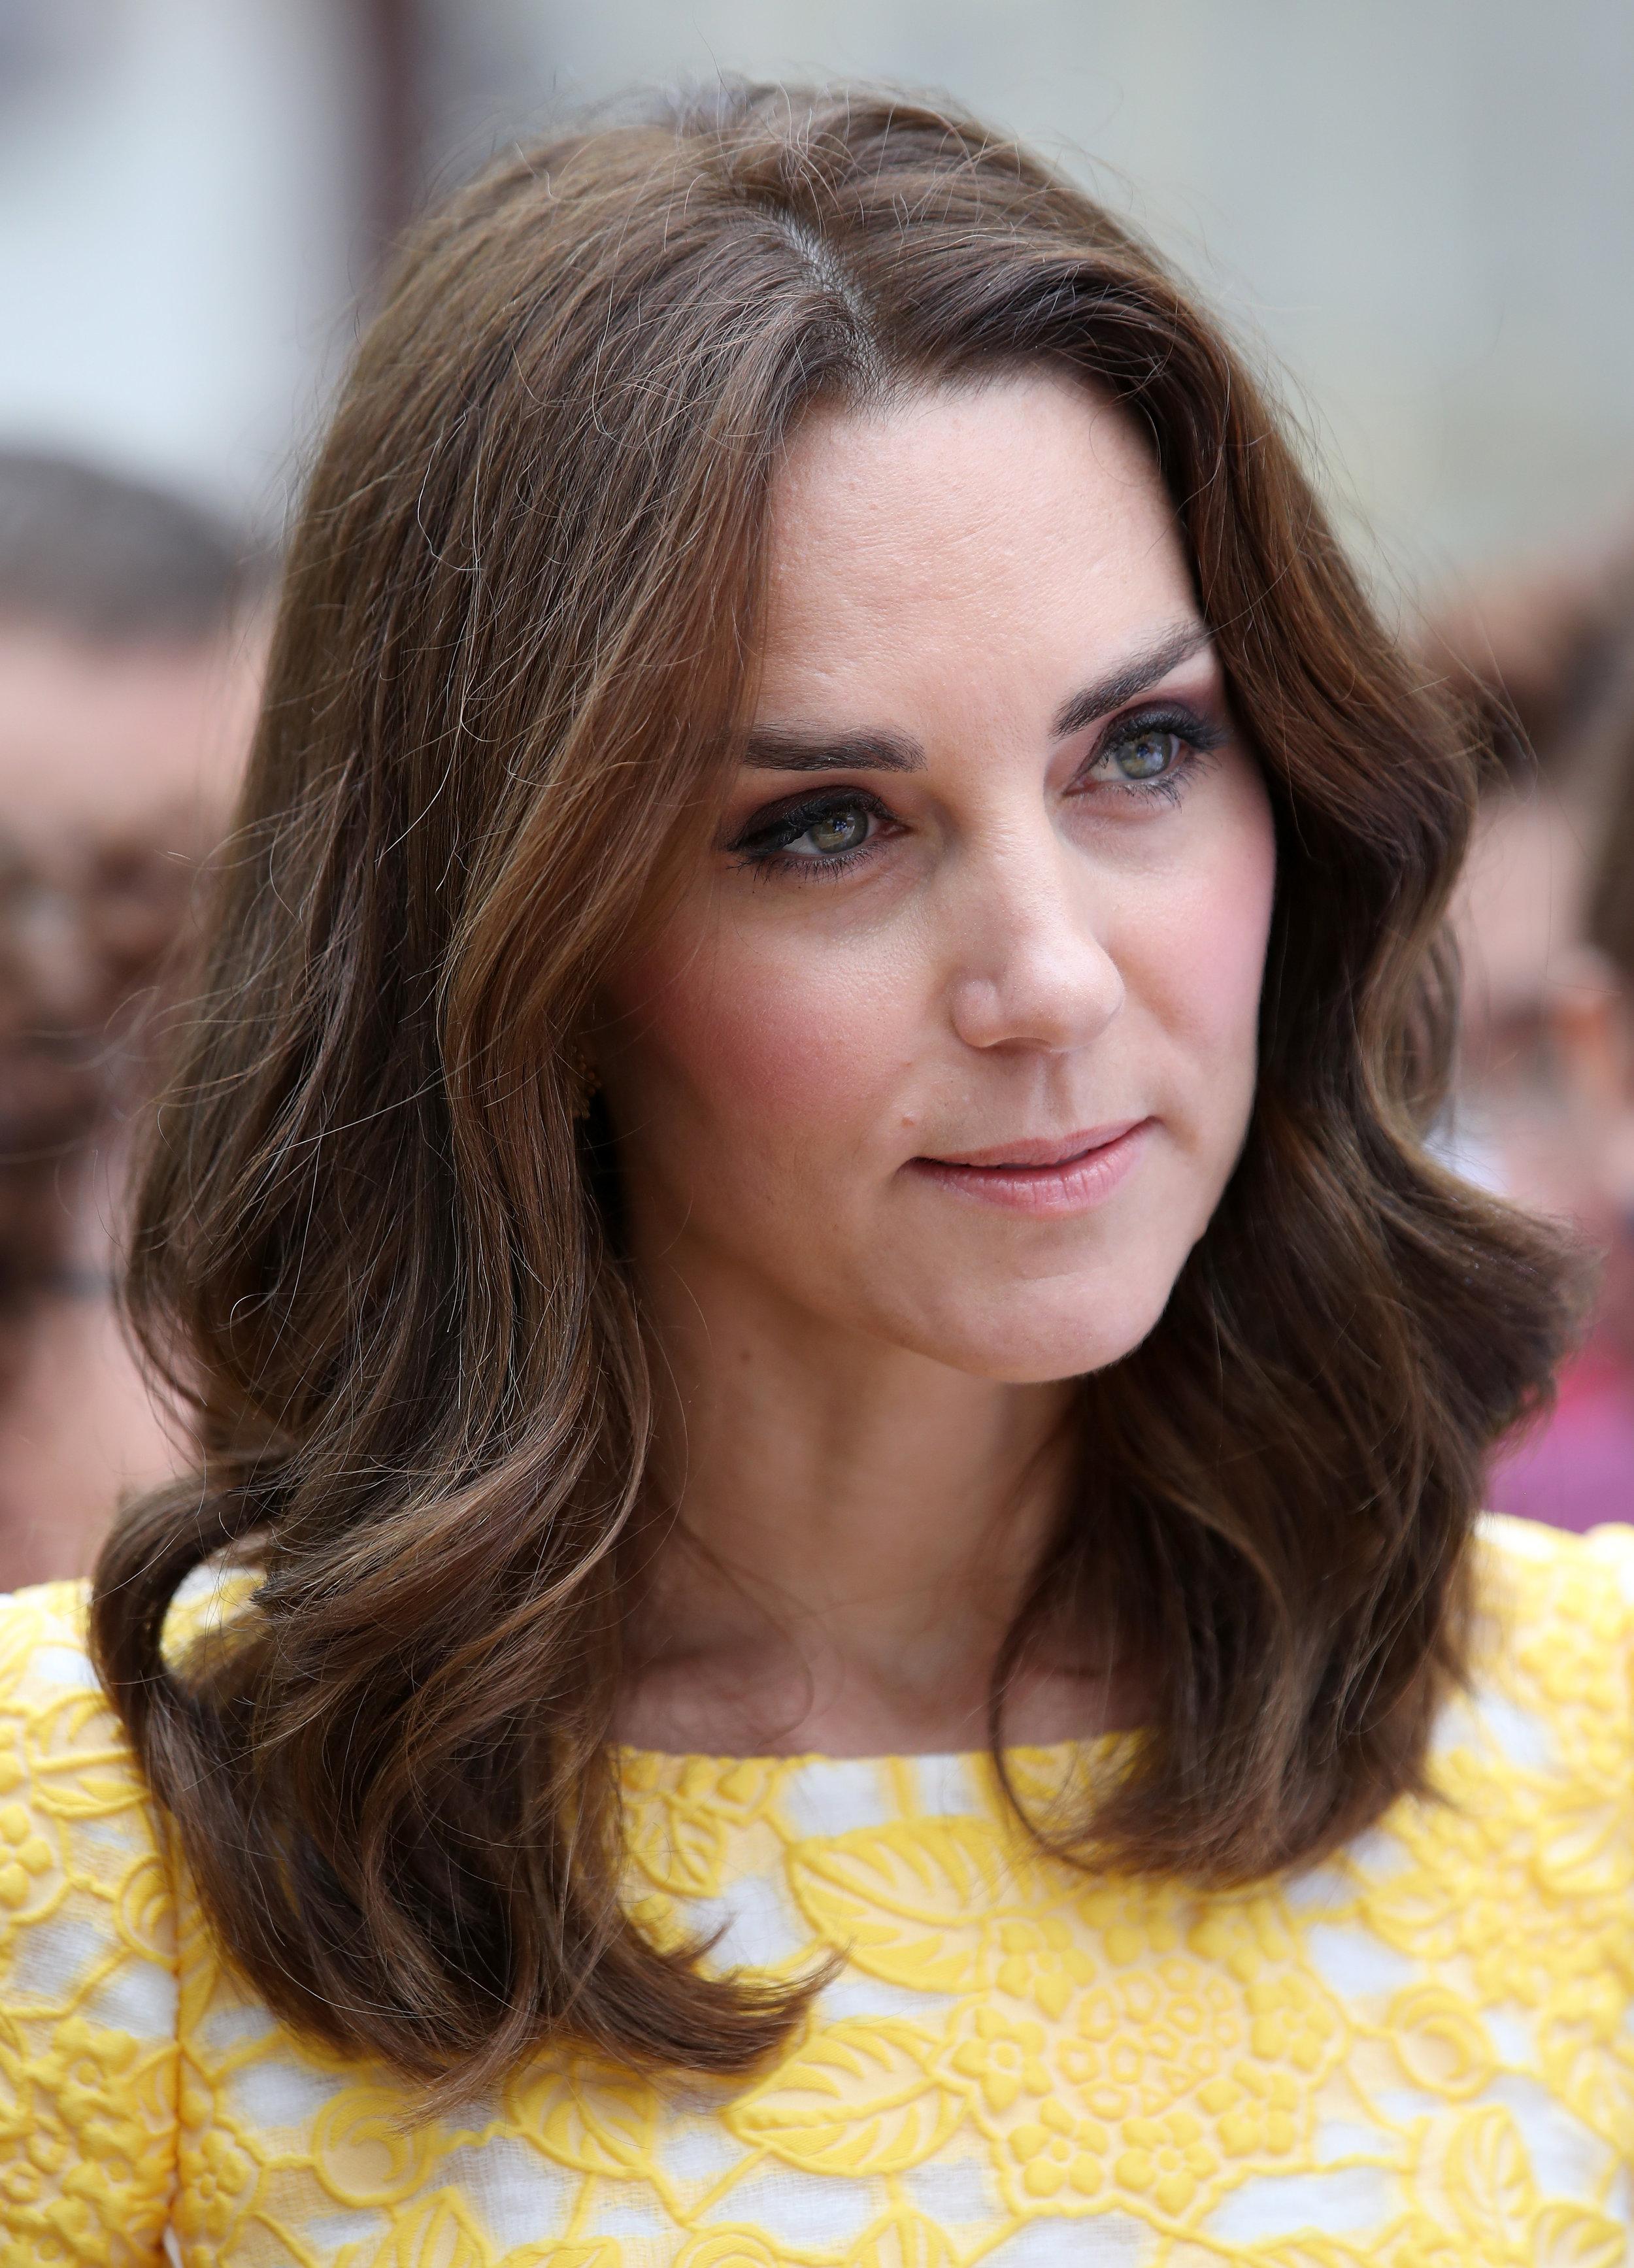 Herzogin Kate wird für Diät-Werbung missbraucht   Foto: Getty Images